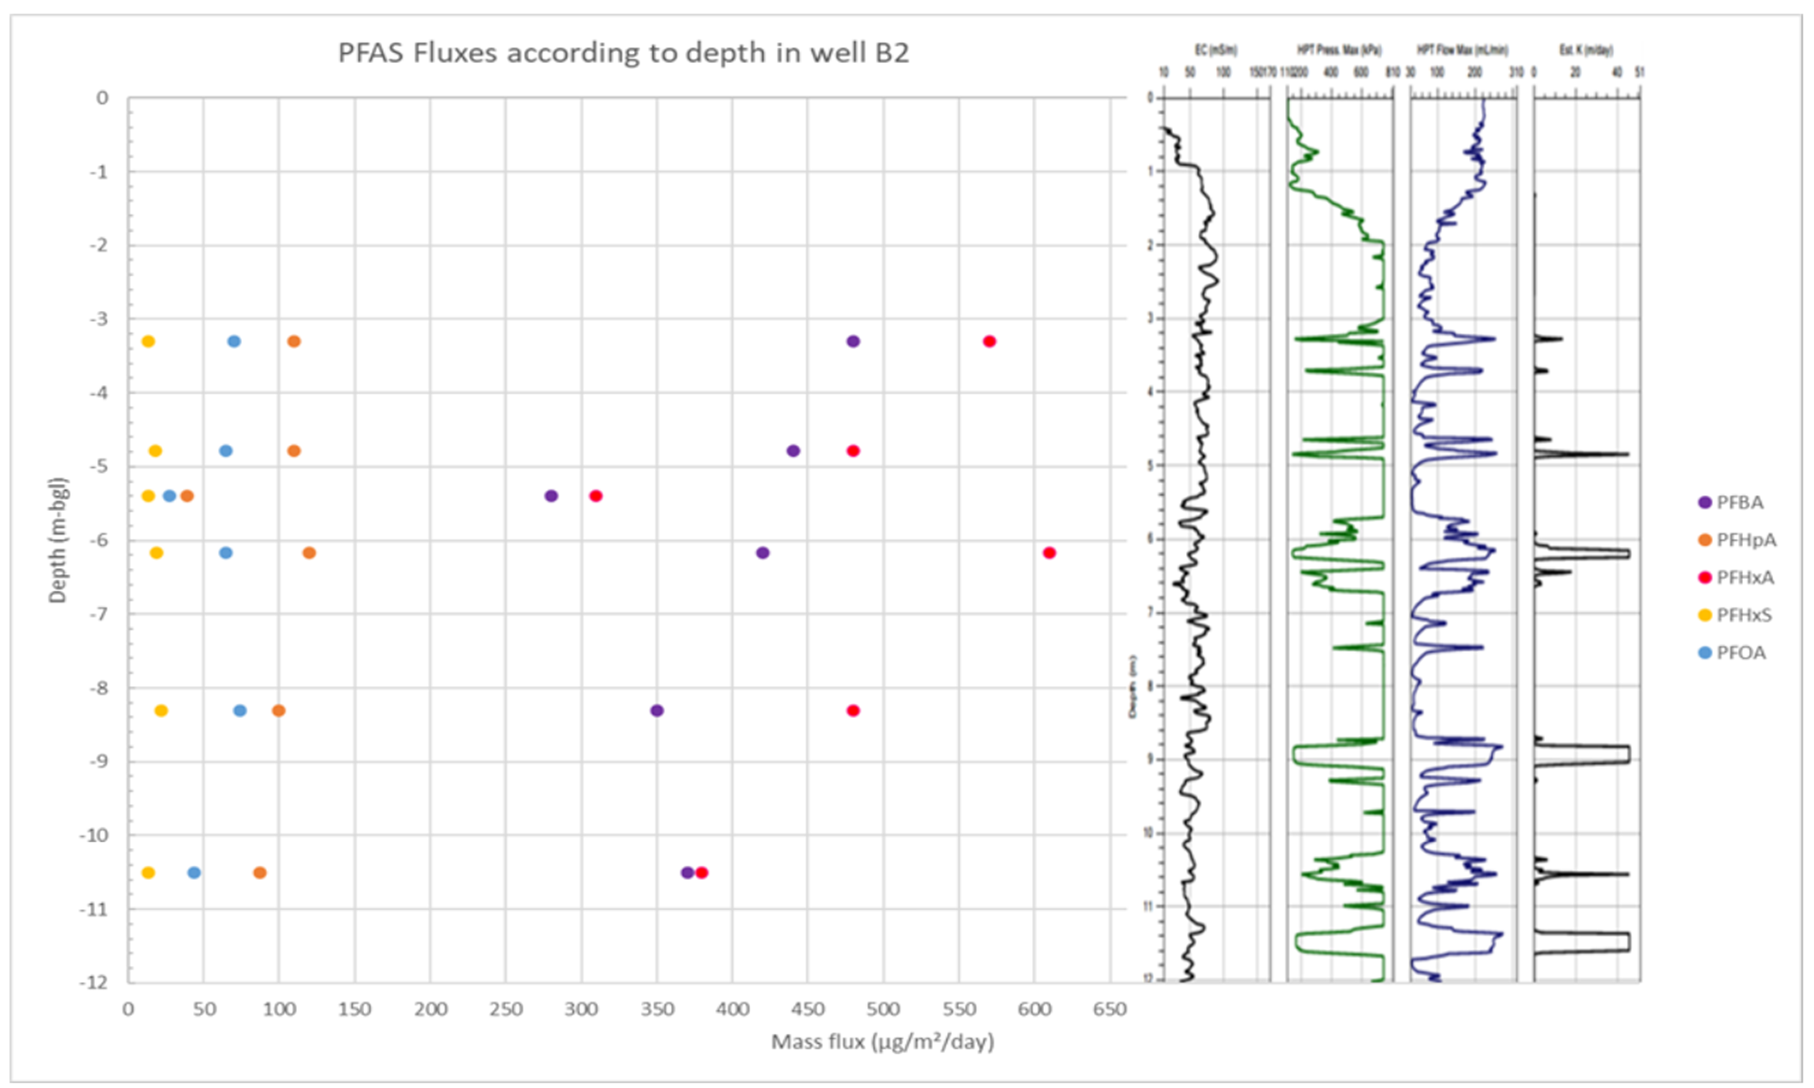 PFAS measured FLUXES